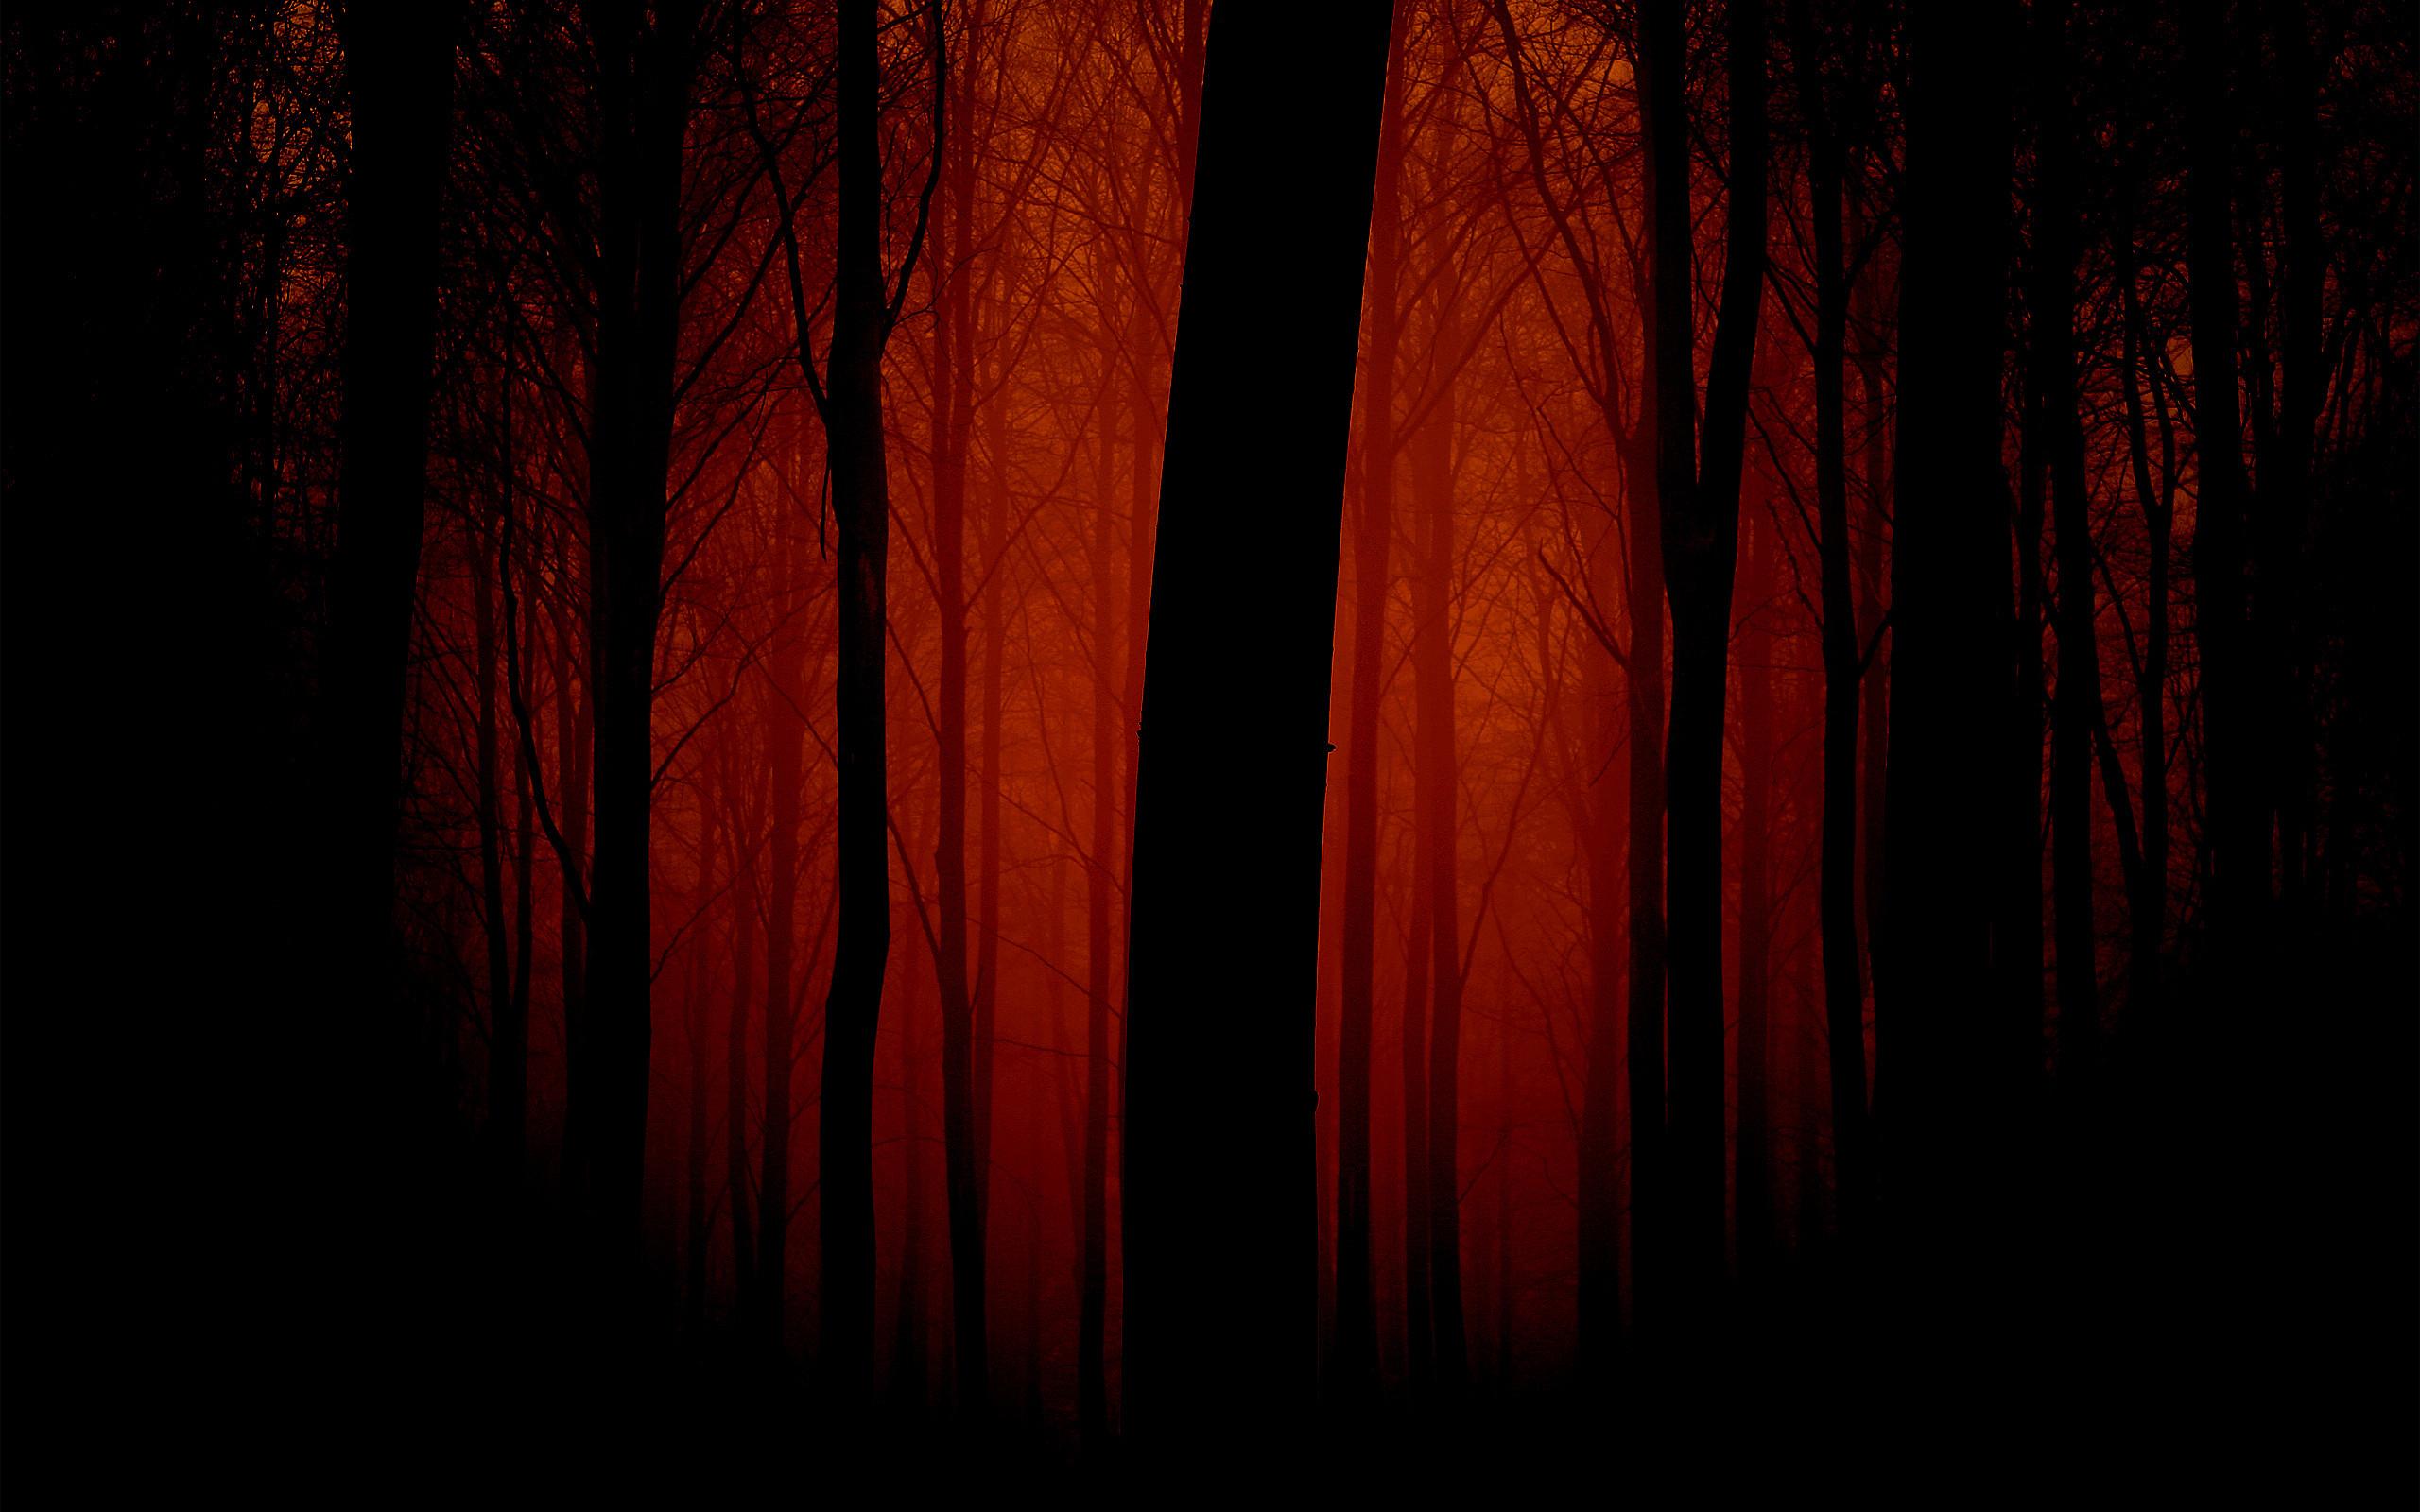 dark forest widescreen wallpaper - photo #41